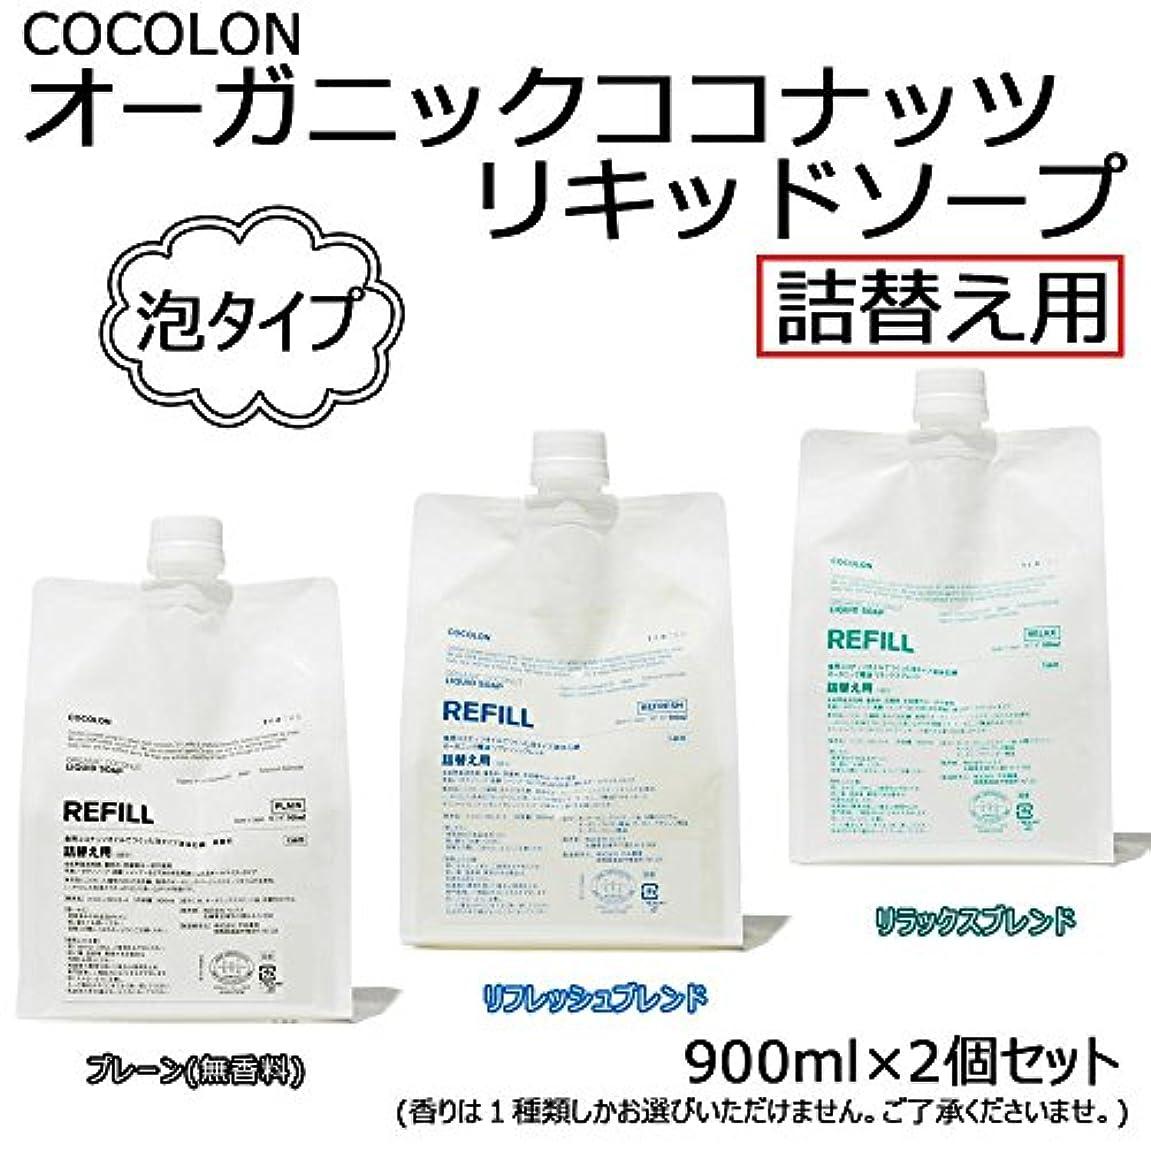 想像力豊かな腐敗した漏斗COCOLON ココロン オーガニックココナッツリキッドソープ 泡タイプ 詰替え用 900ml 2個セット リフレッシュブレンド